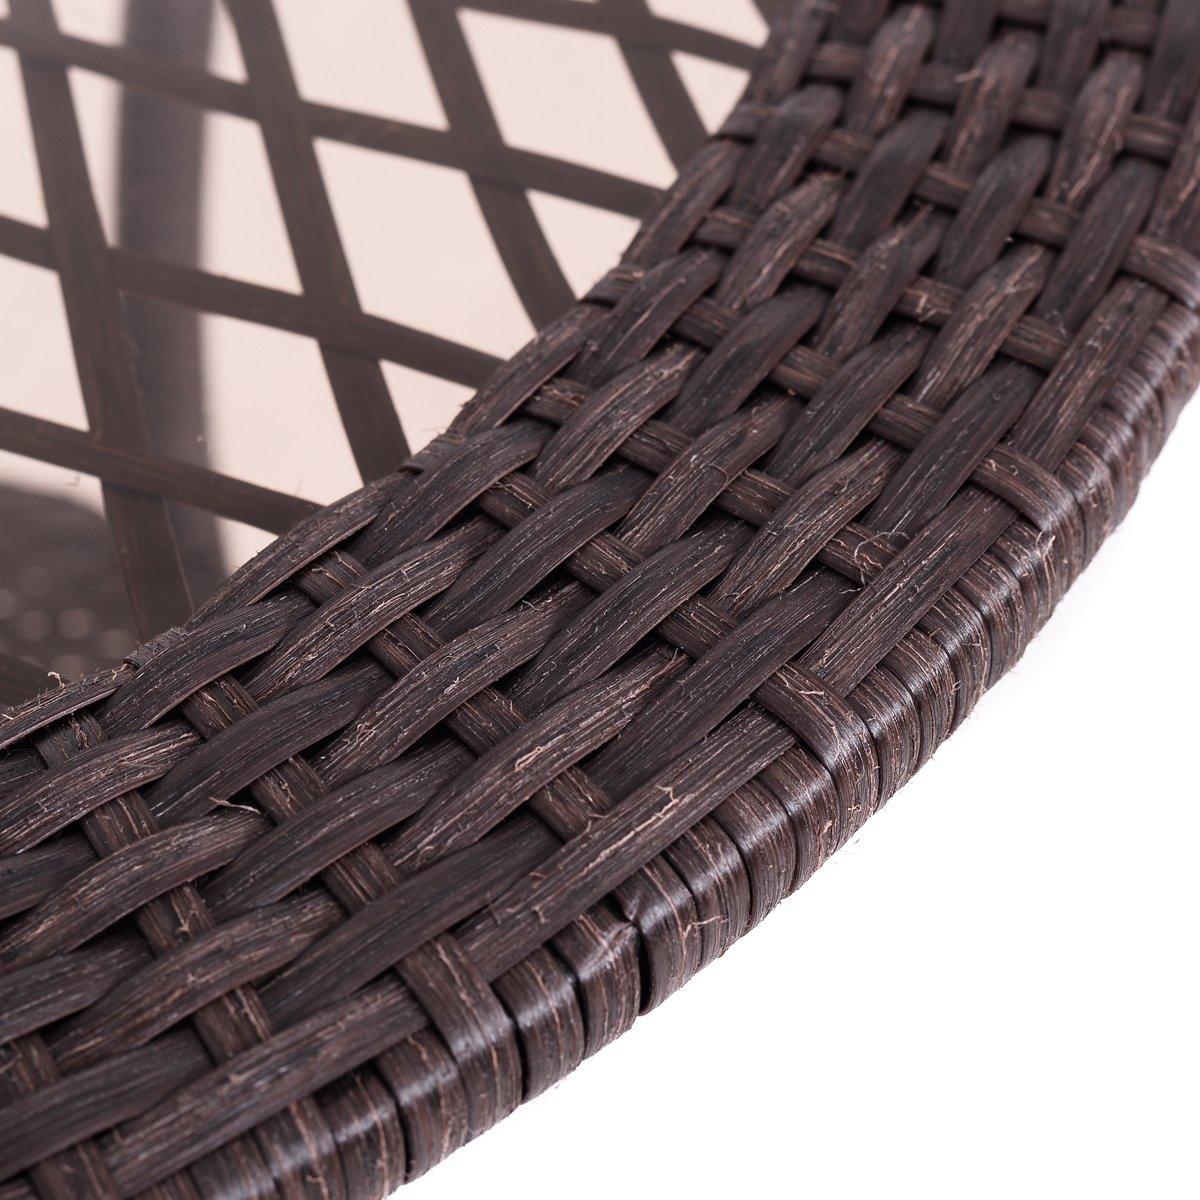 Giantex Round Rattan Wicker Coffee Table Glass Top Steel Frame Patio Furni W/Lower Shelf (Round)